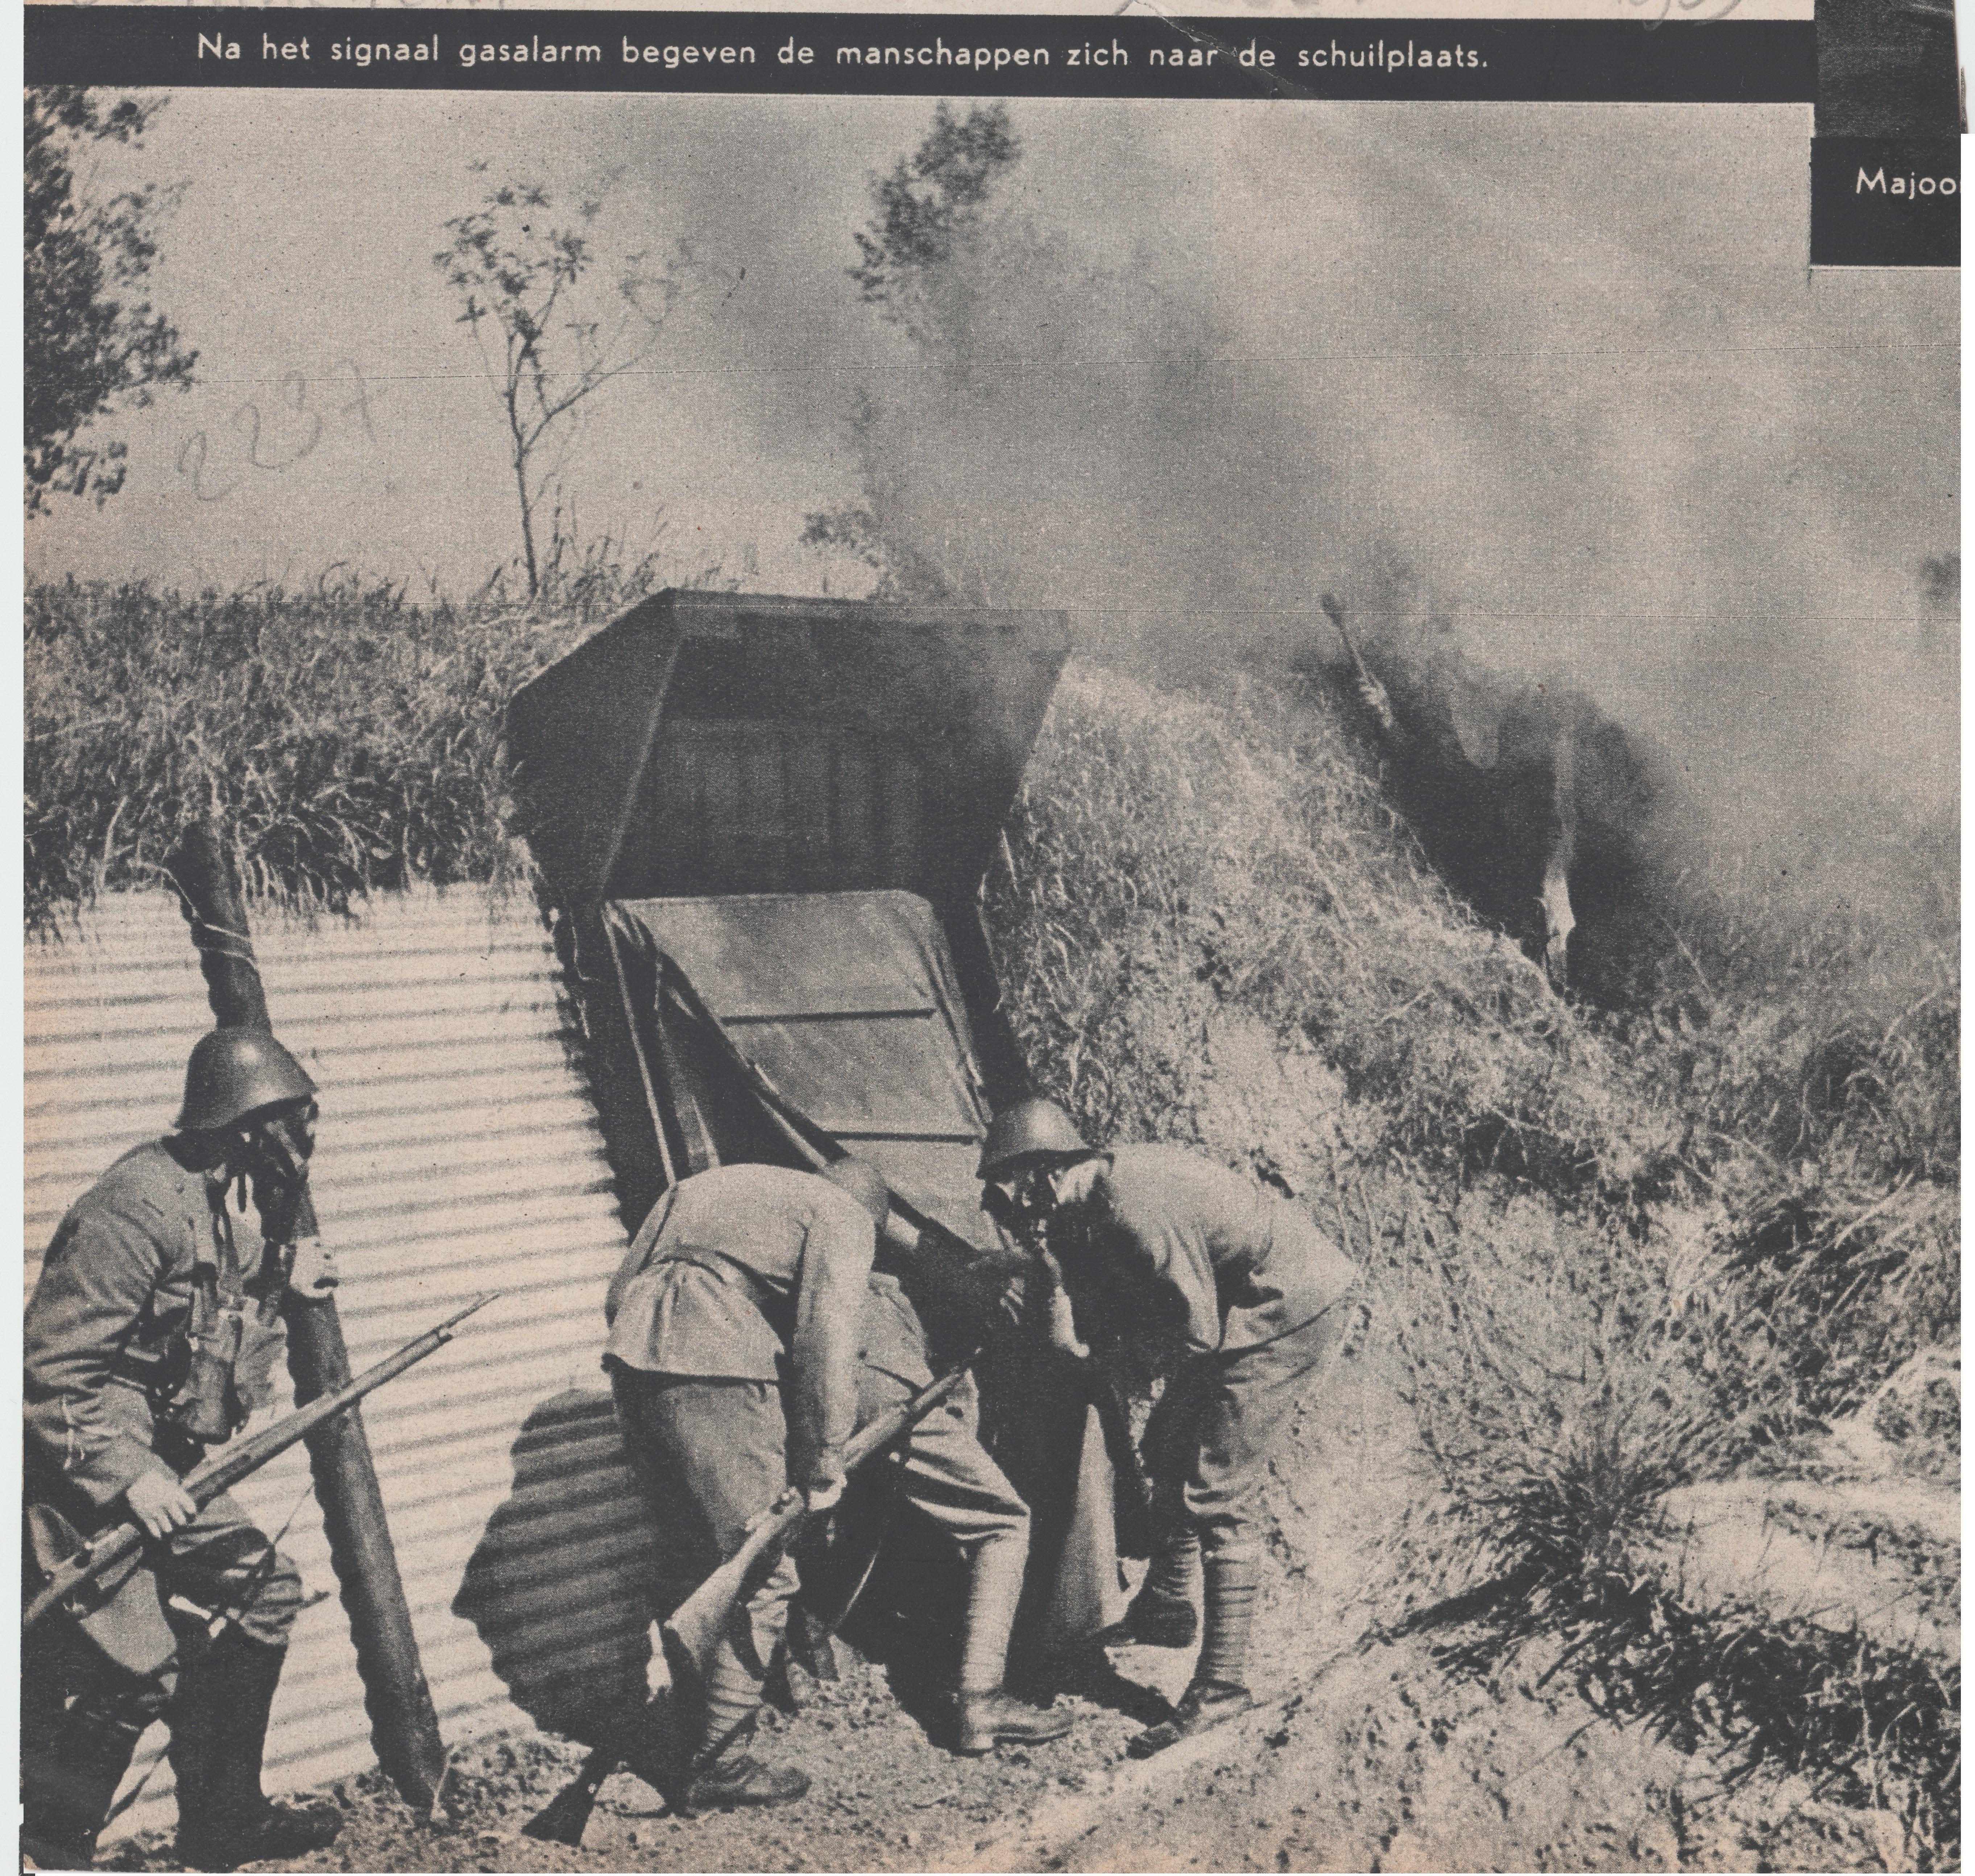 Gorinchem 1939 - Na het signaal gasalerm begeven de manschappen zich naar de schuilplaats